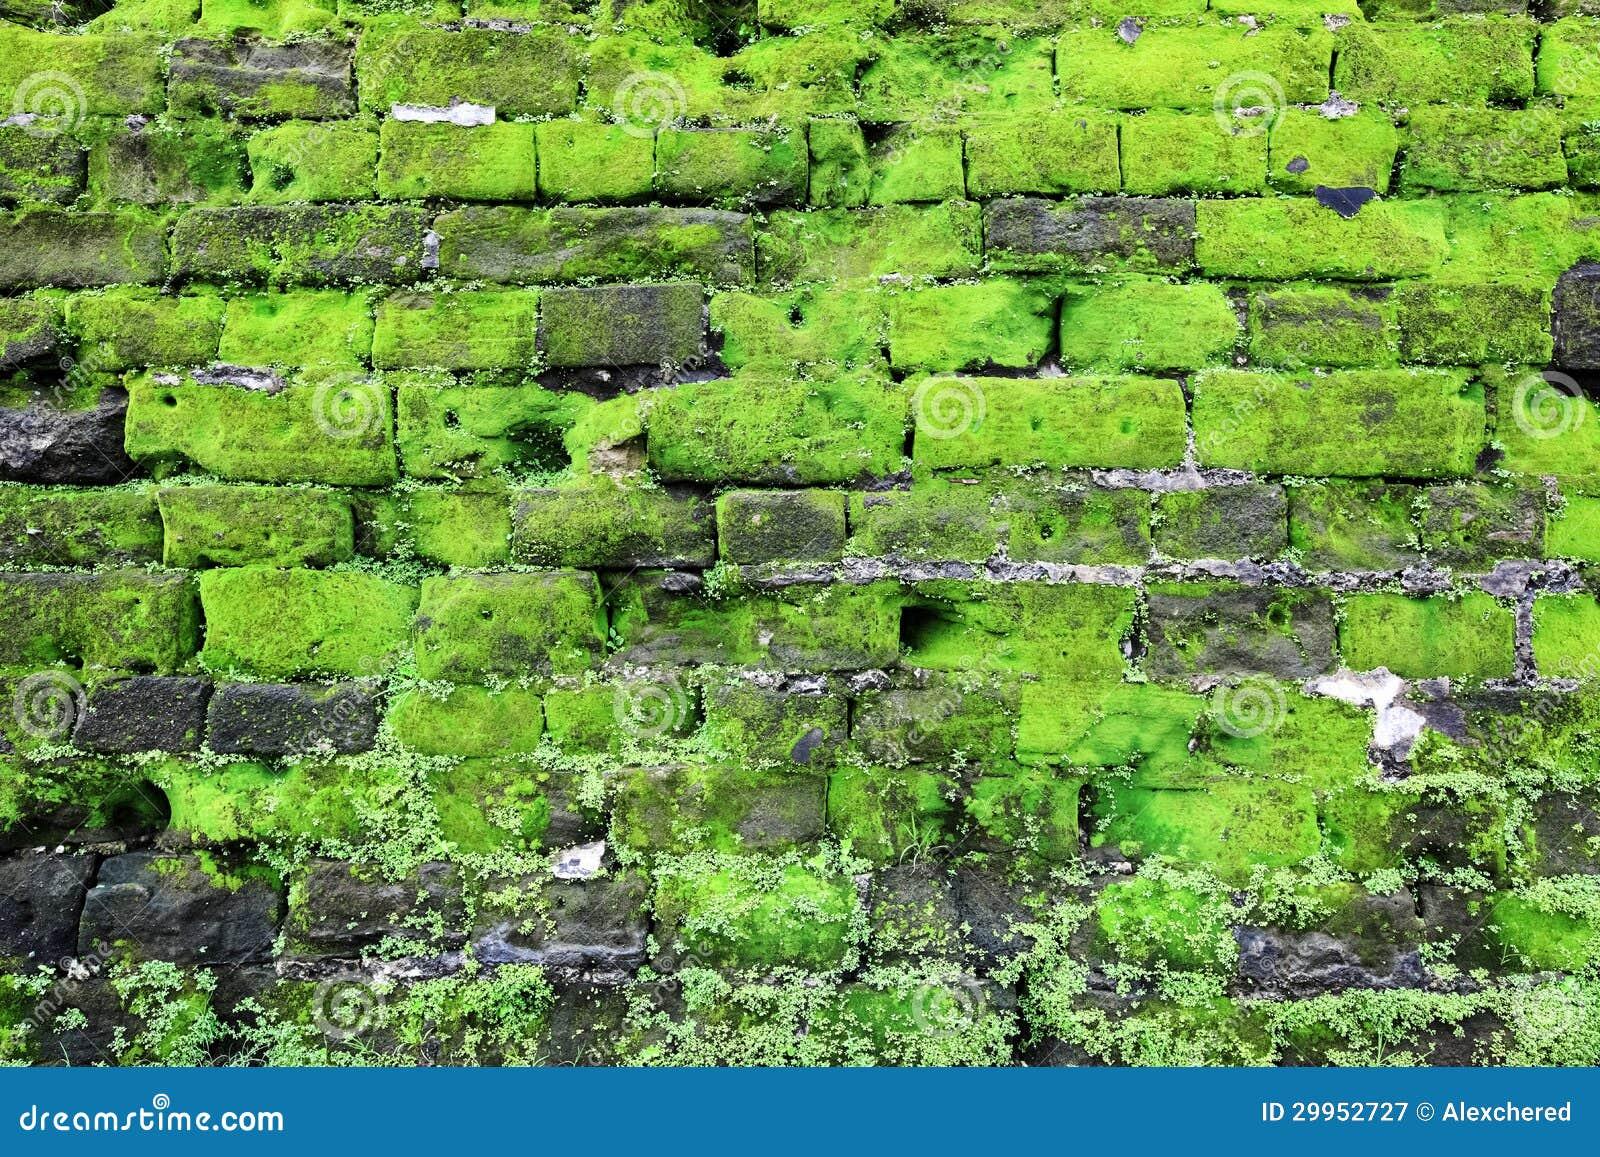 vieux mur en pierre avec de la mousse verte image stock image du le jour 29952727. Black Bedroom Furniture Sets. Home Design Ideas